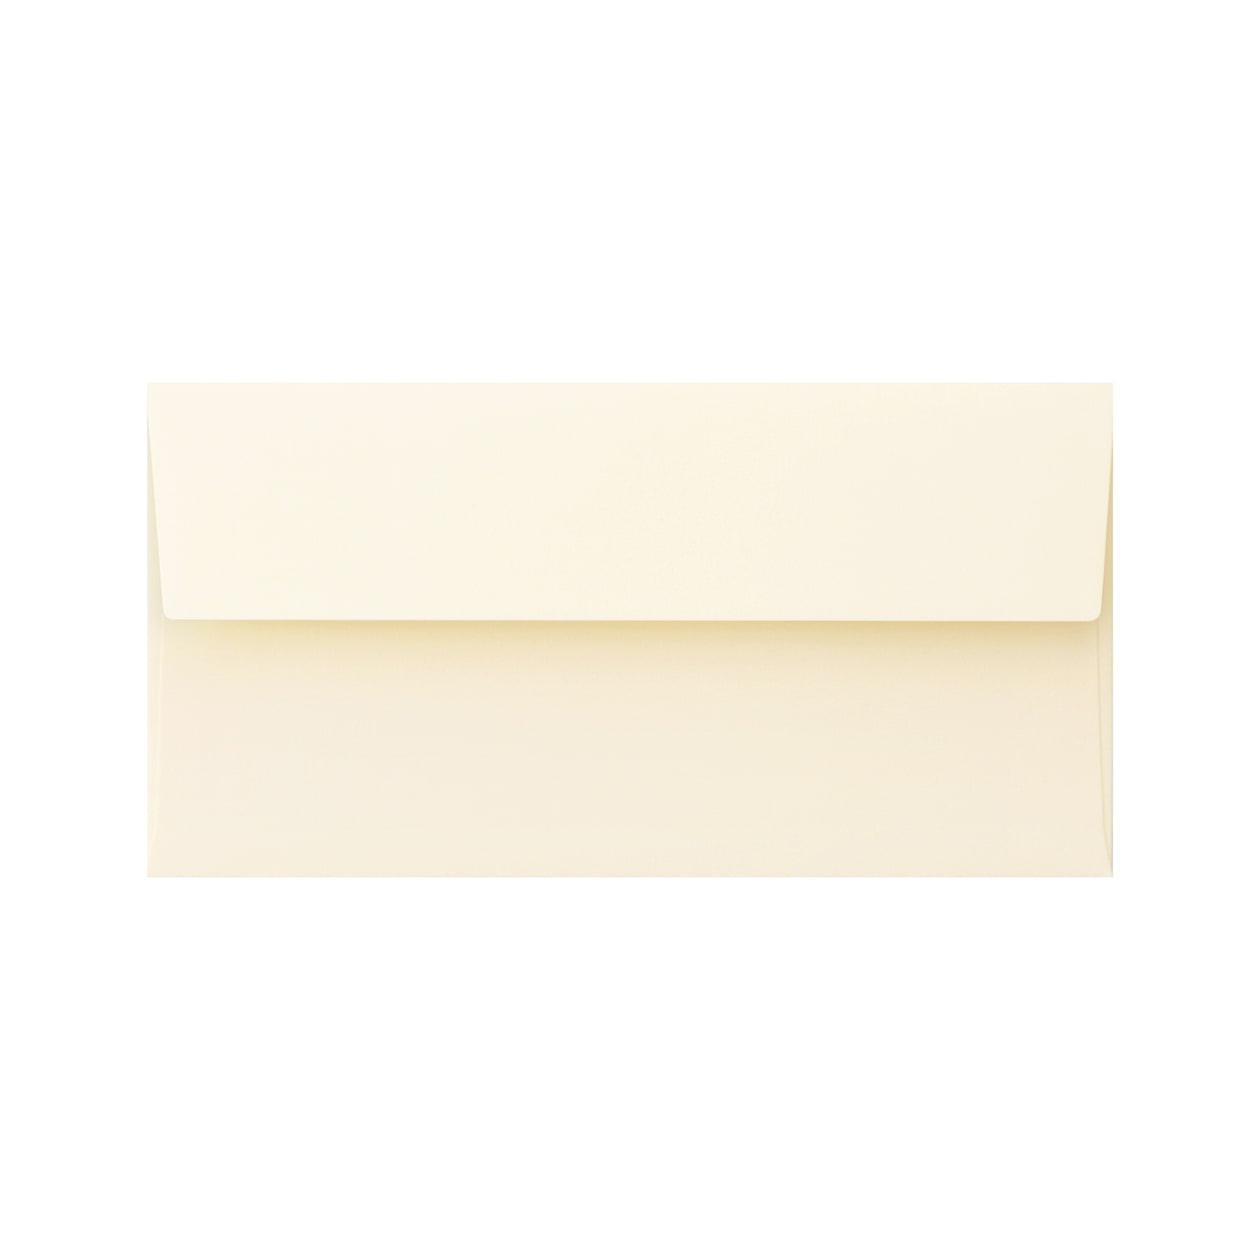 洋6カマス封筒 コットン ナチュラル 116.3g